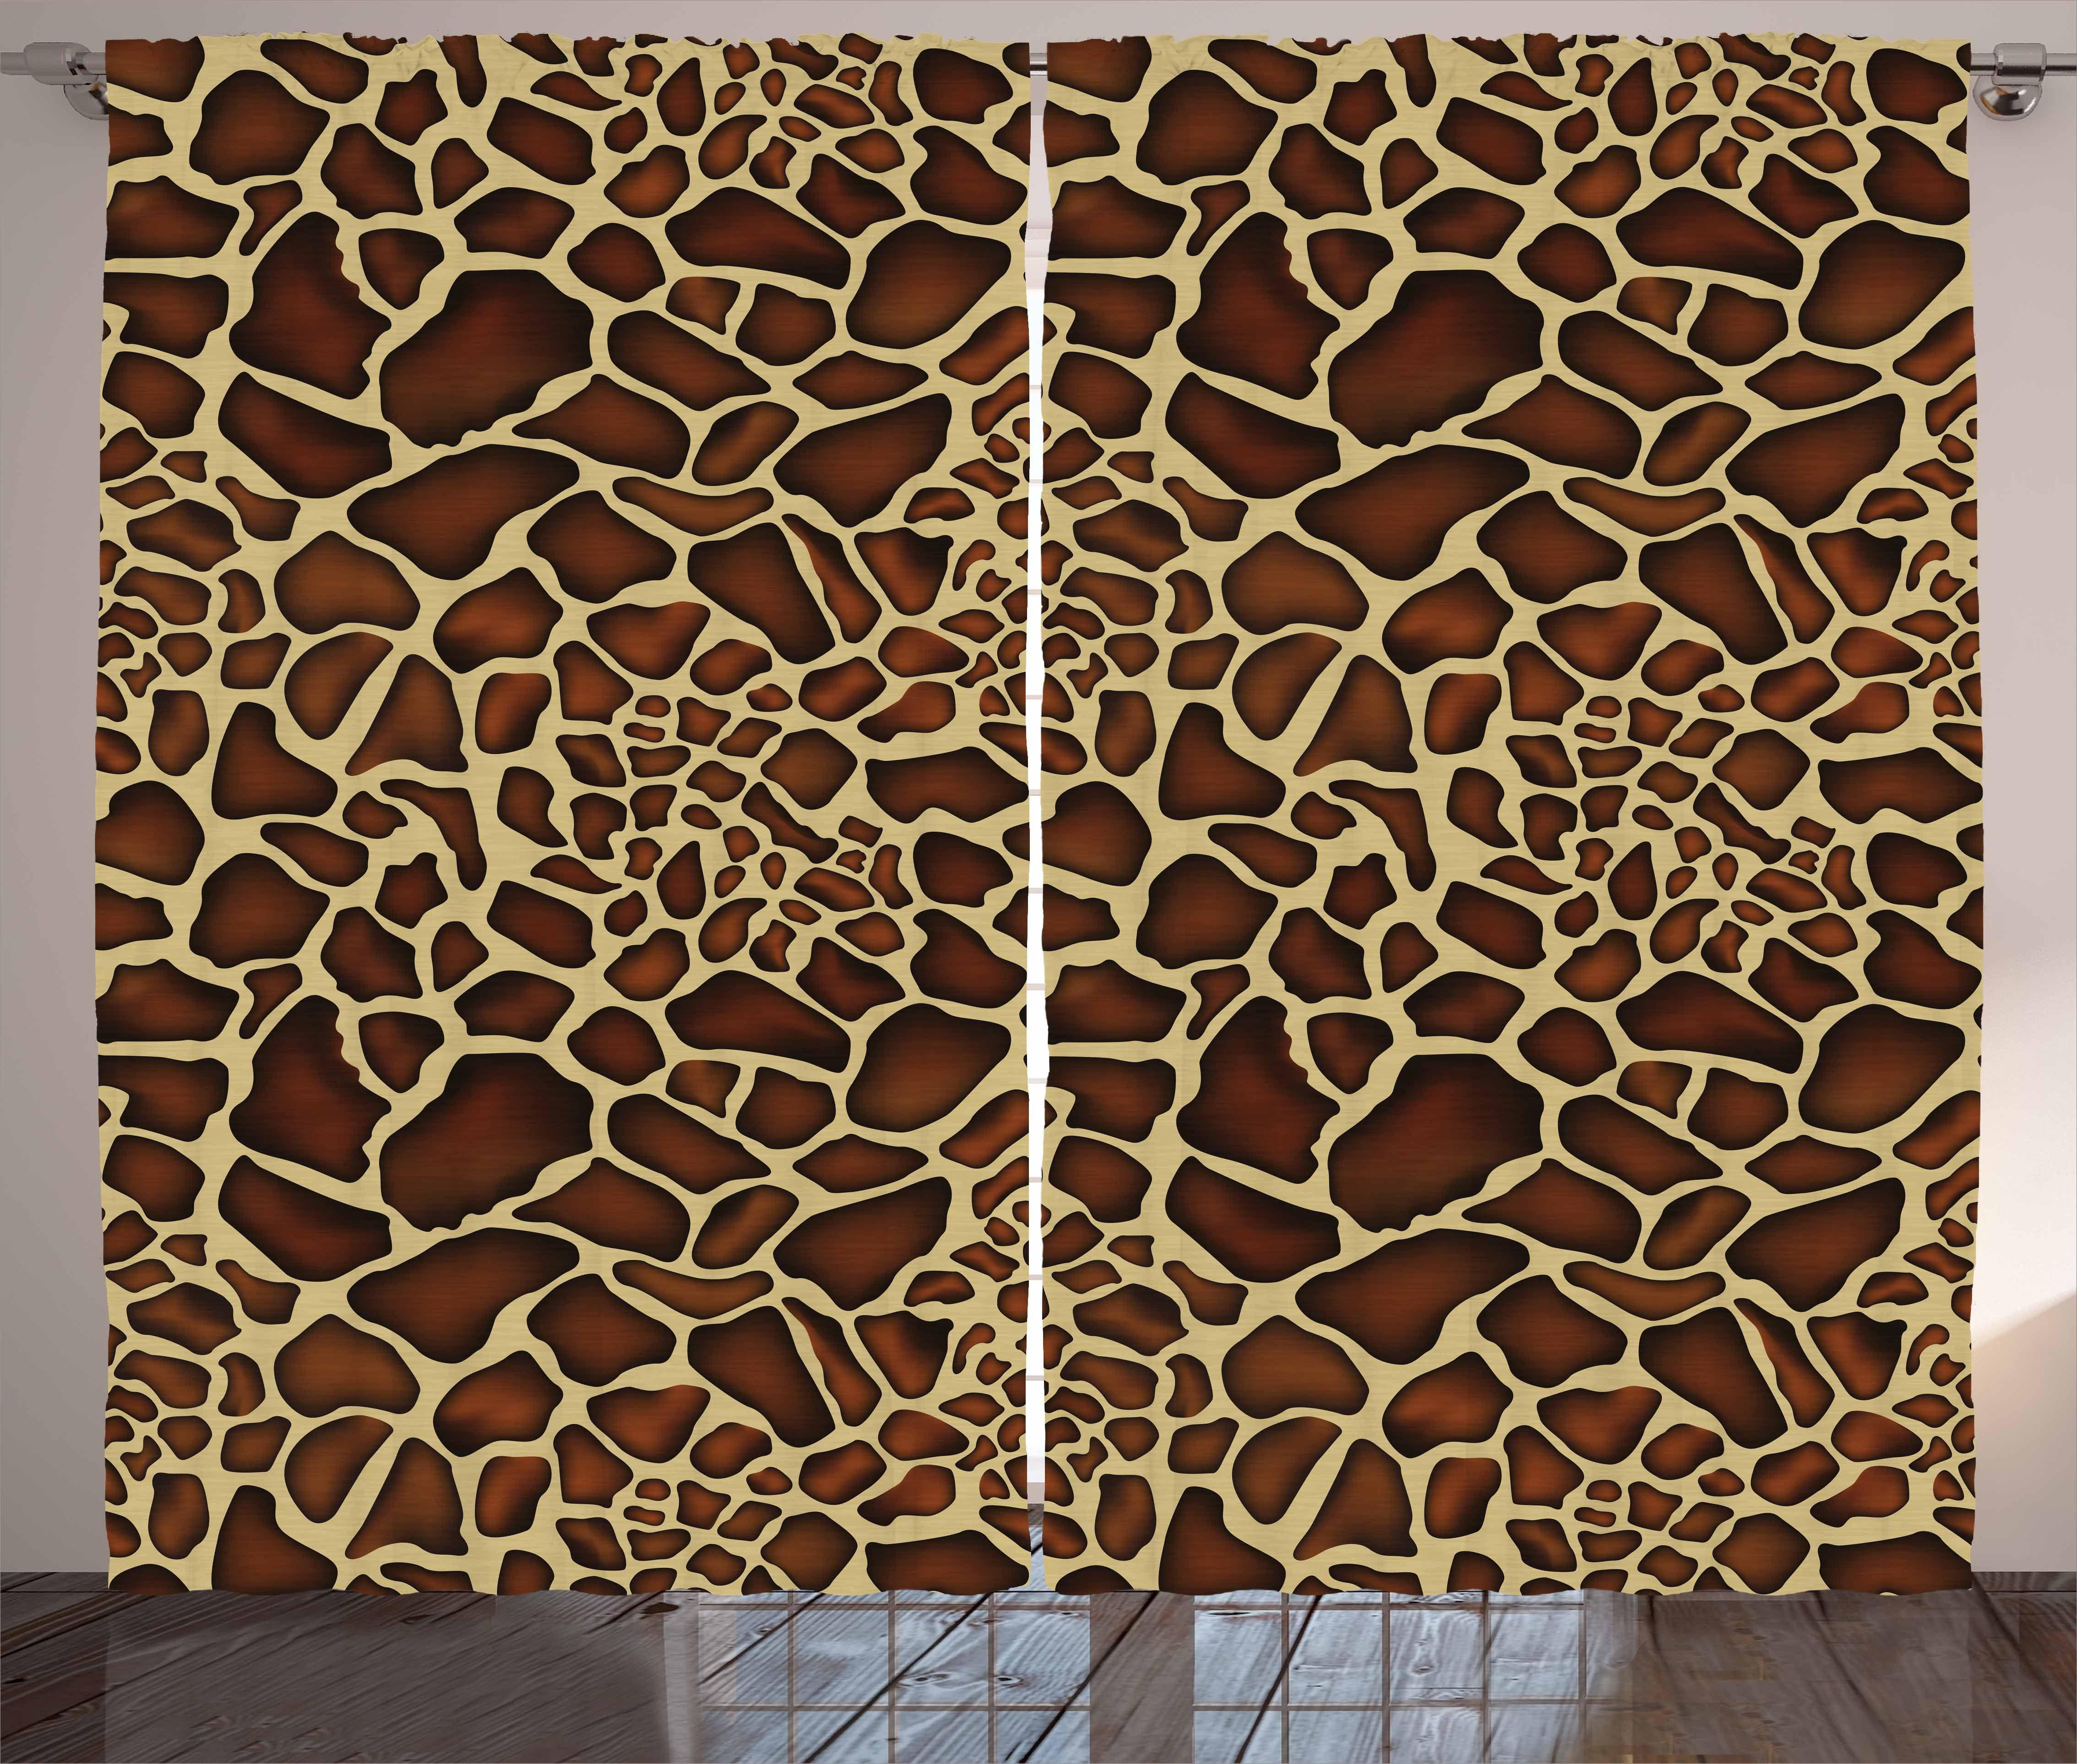 Zambia Curtains 2 Panels Set Giraffe Skin Pattern